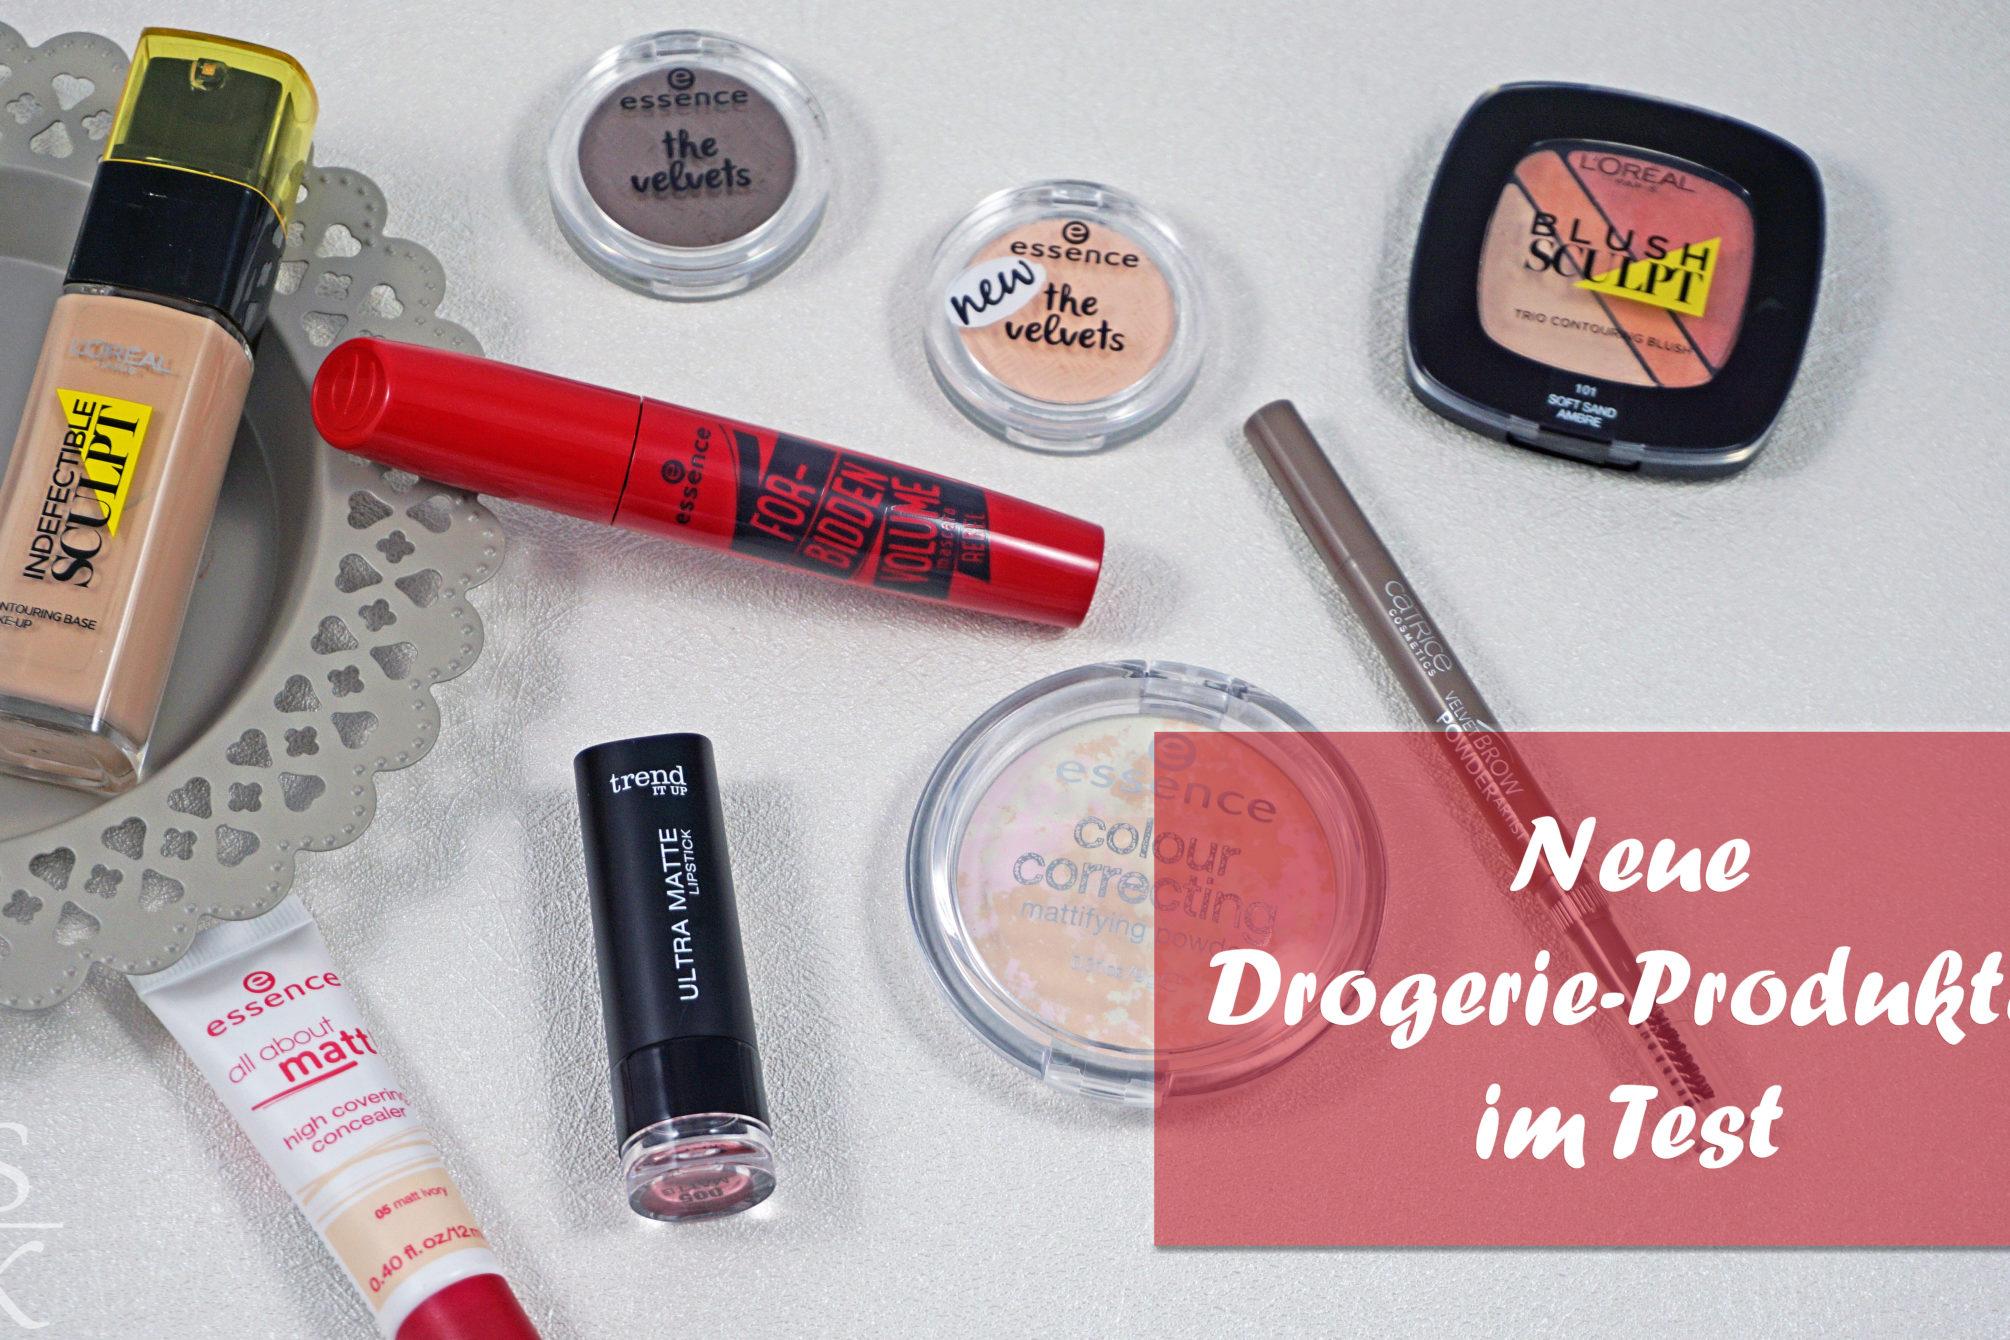 Neue Drogerie-Produkte im Test